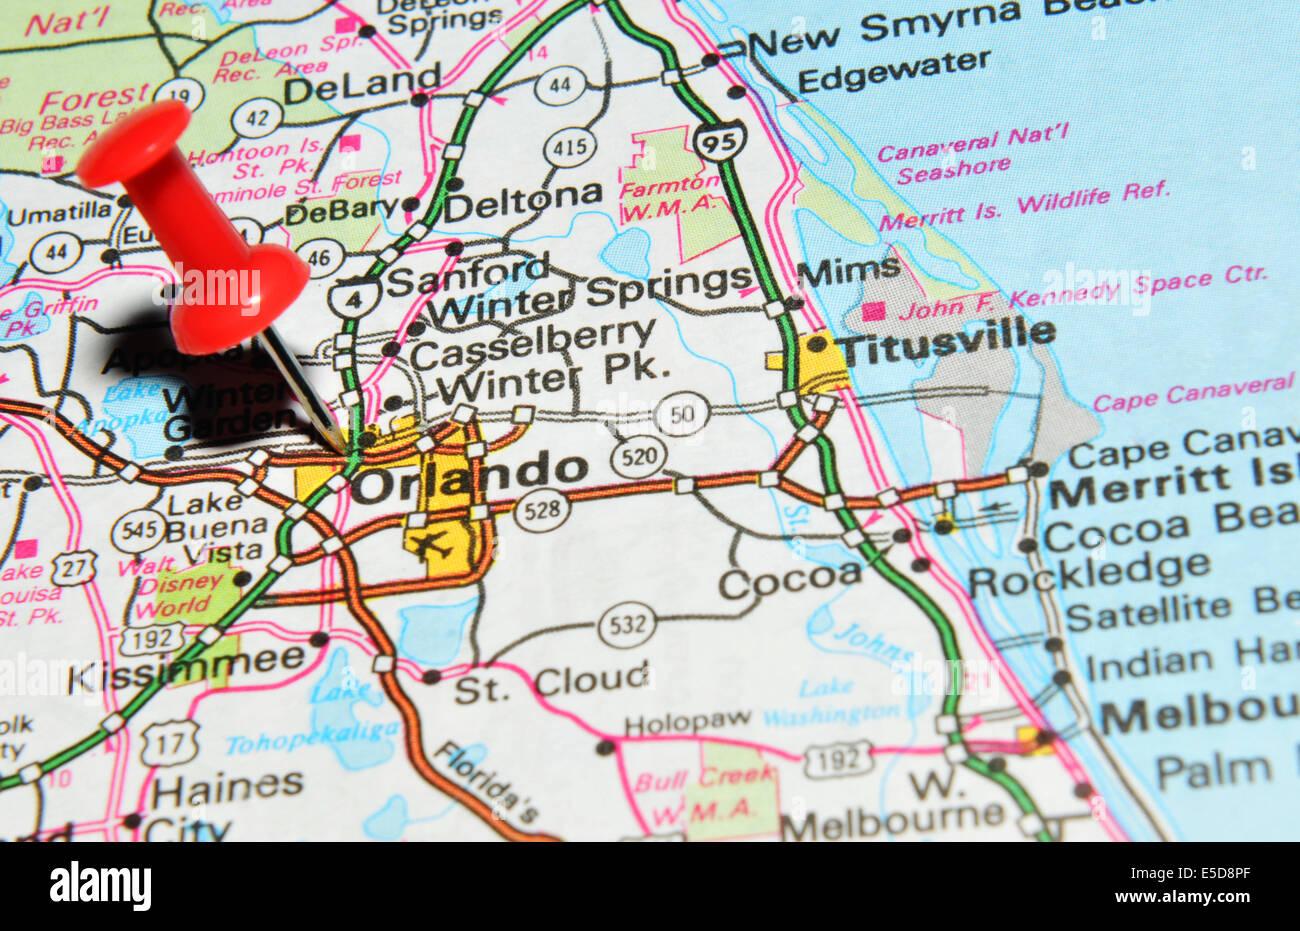 orlando sobre nosotros mapa fotografía de stock - alamy